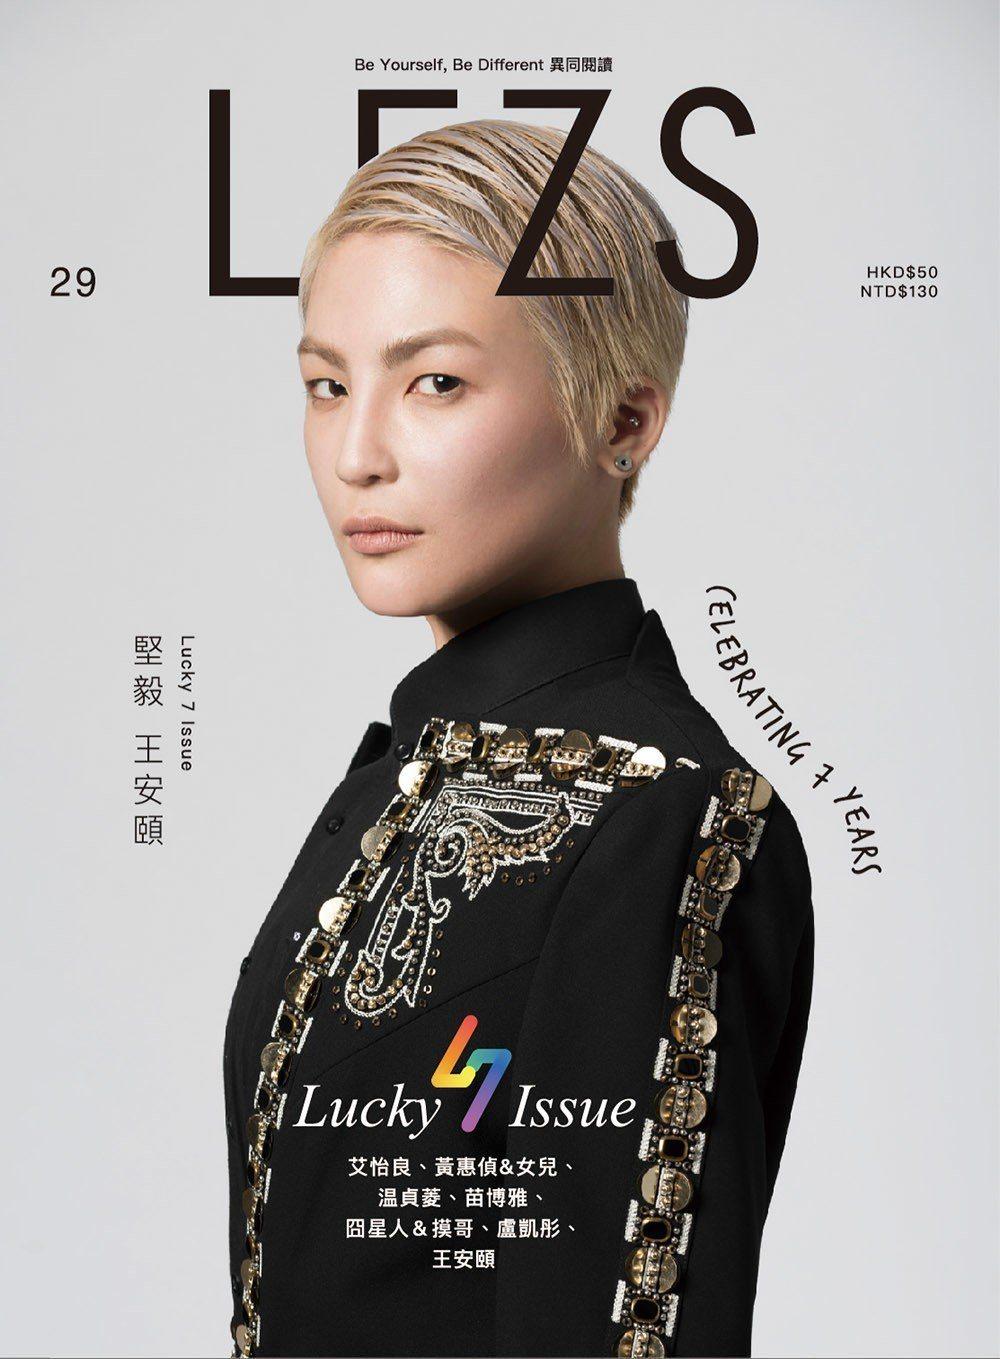 雜誌創辦人王安頤,追求幸運與平權的堅毅精神,也見證同志彩虹力量的累積與轉變。圖/